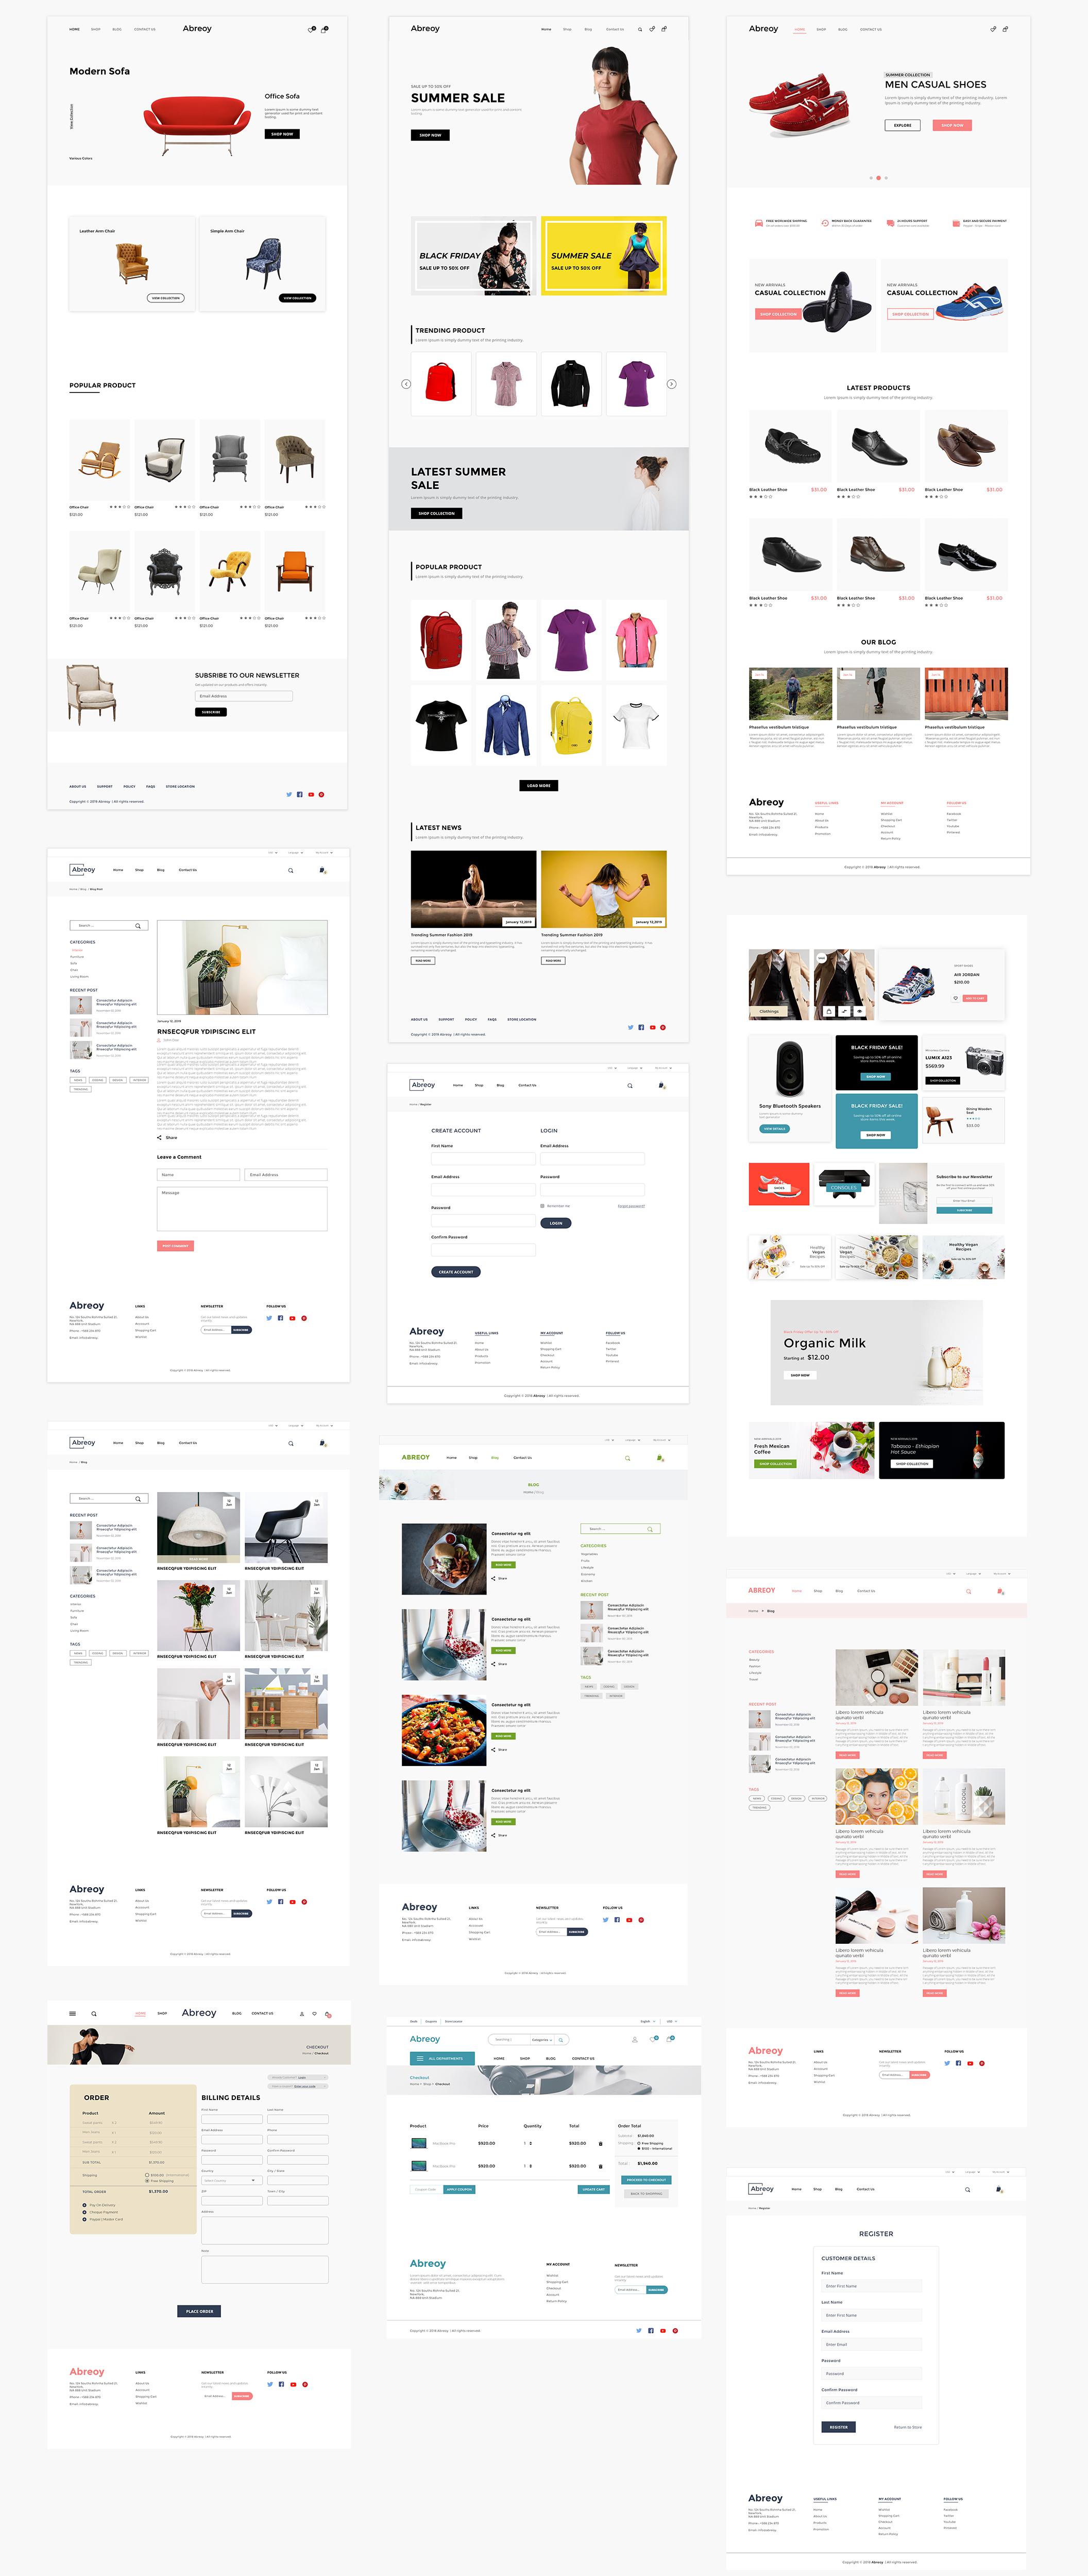 在线购物电子商城APP应用设计UI套件素材 Abreoy E-Commerce UI Kit插图(6)